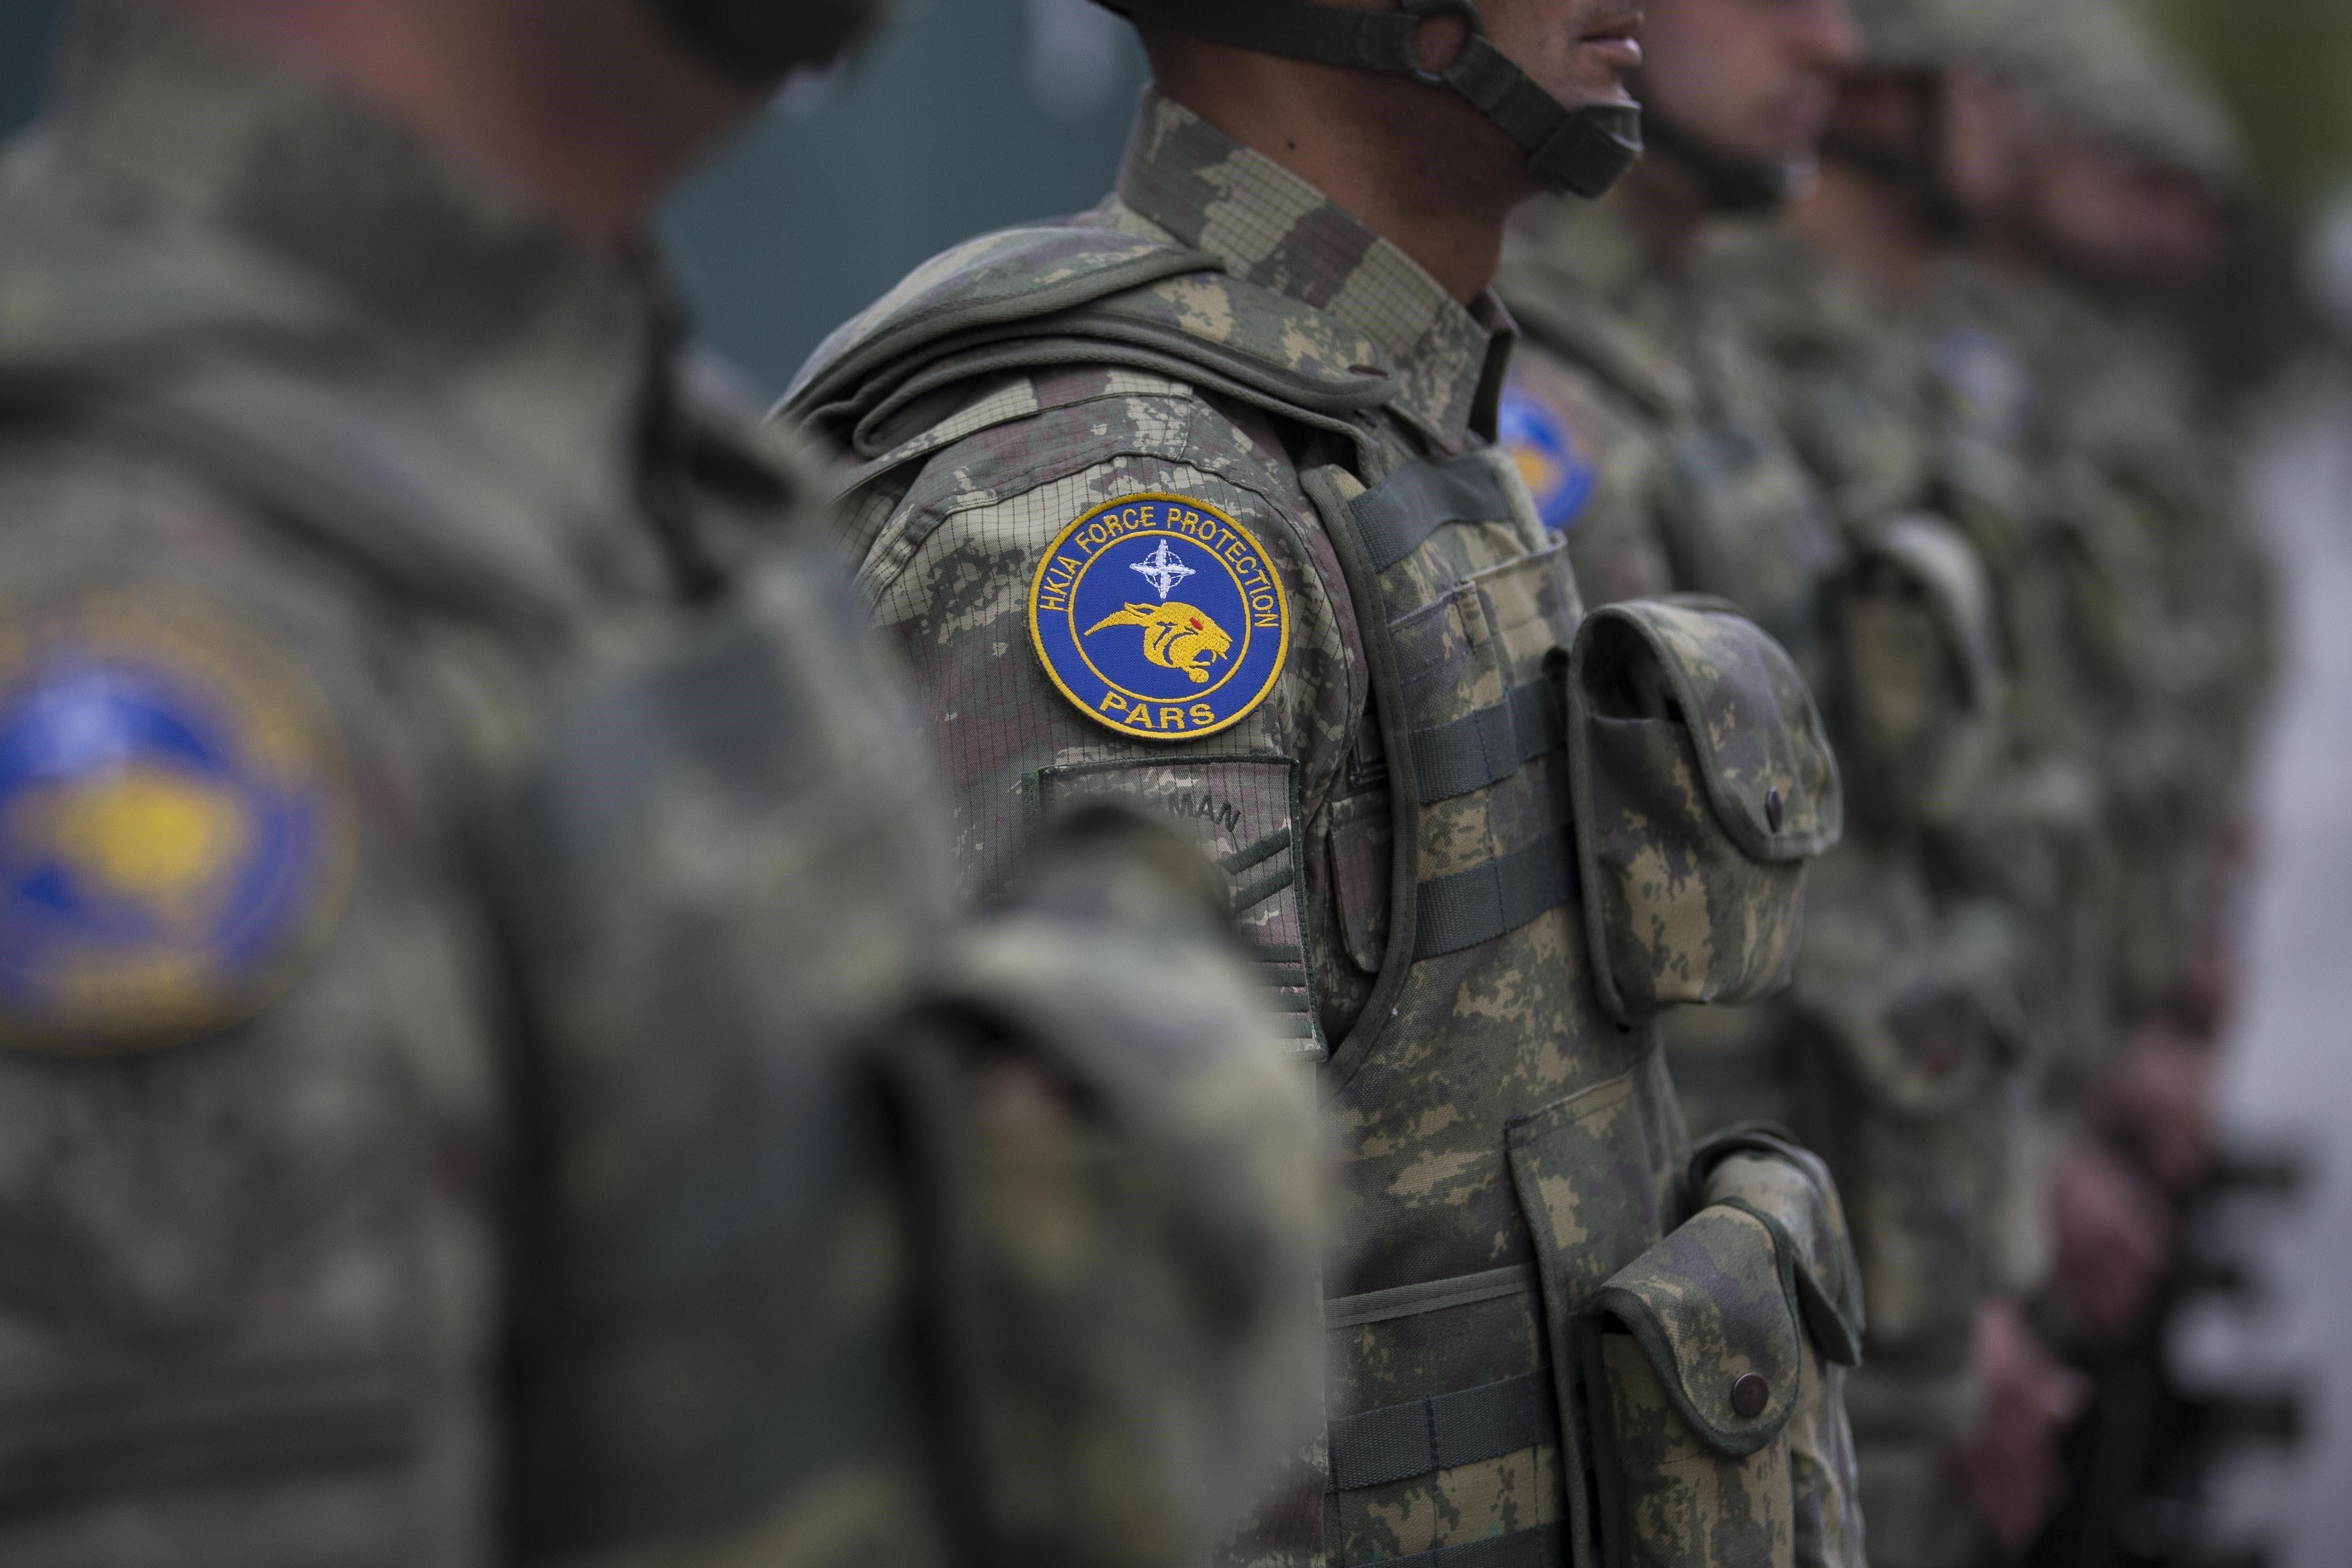 Απομακρύνονται 3.000 μέλη των τουρκικών ενόπλων δυνάμεων που κατηγορούνται για διασυνδέσεις με τον